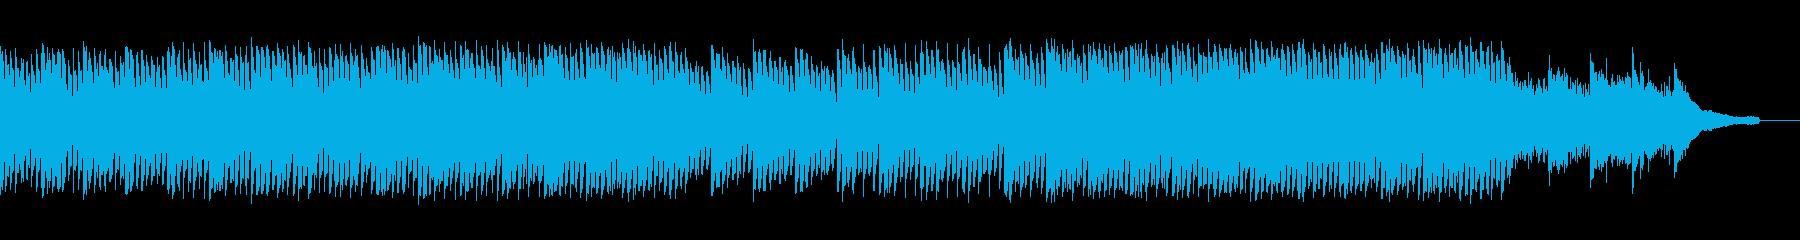 企業VP会社紹介 透明感爽やか疾走感A1の再生済みの波形